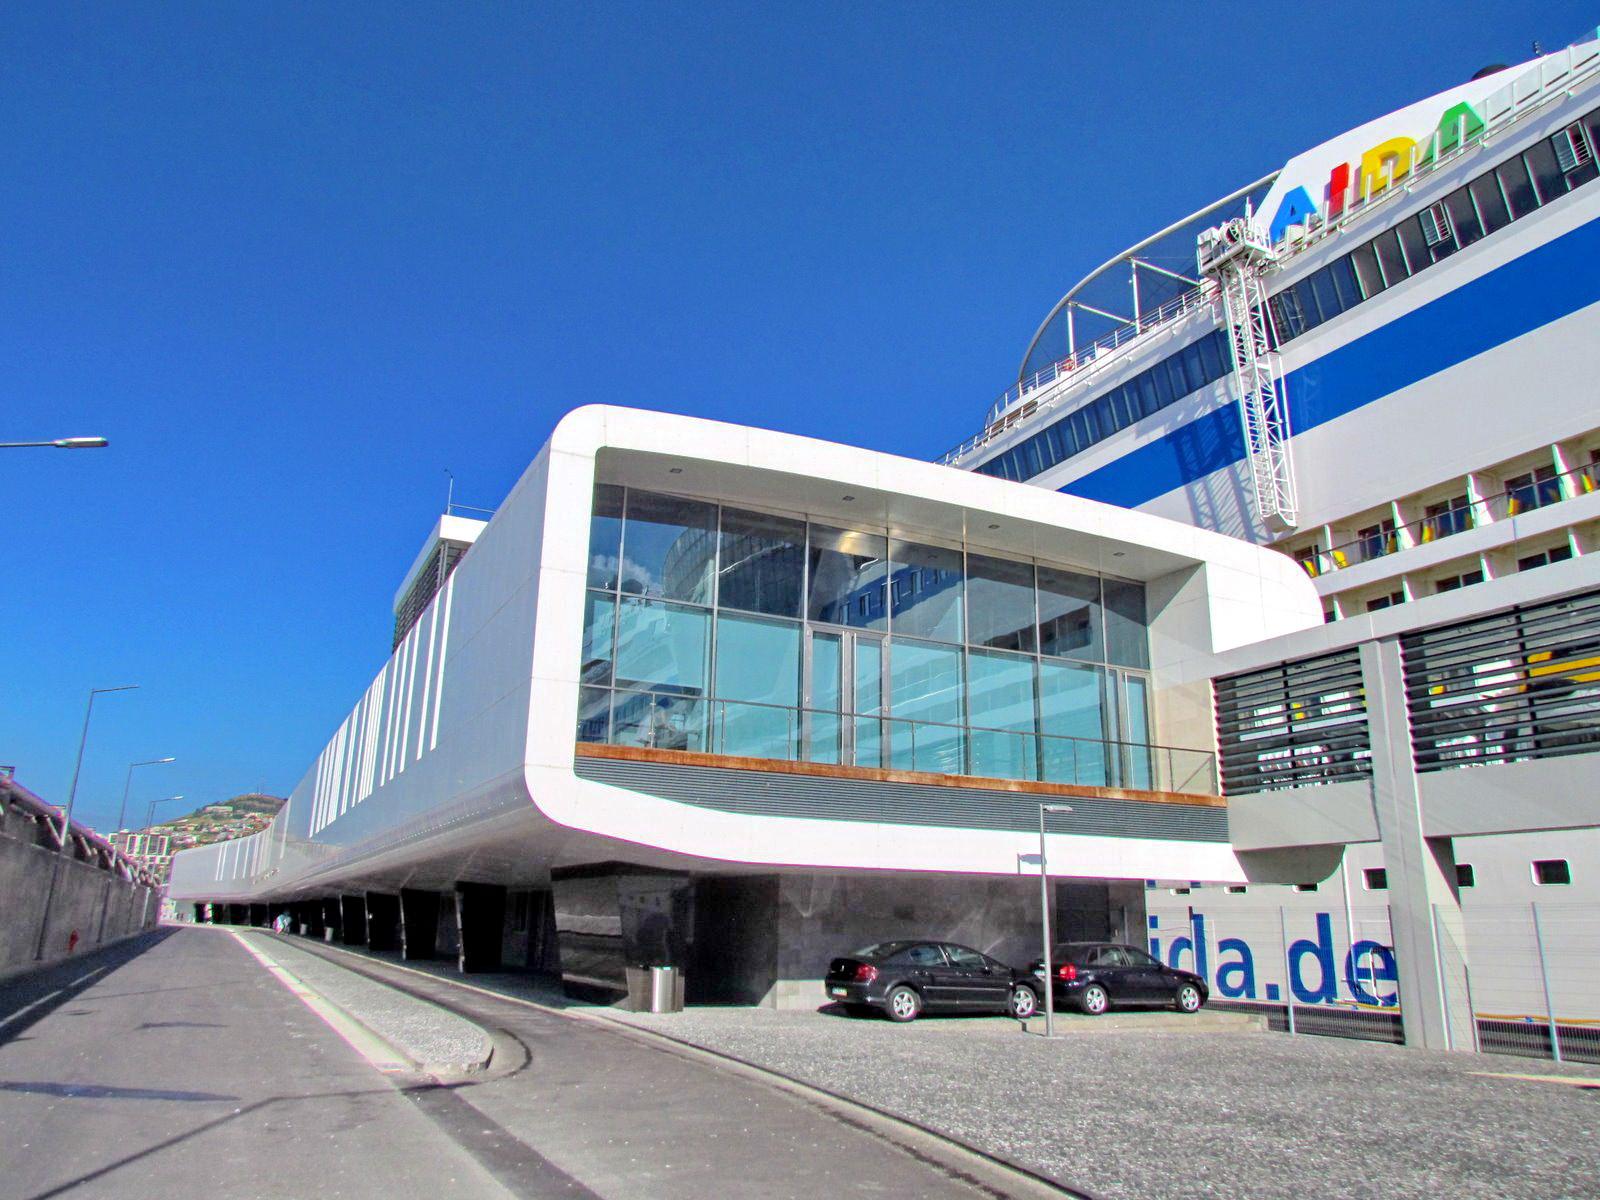 Gare Marítima da Madeira and the ship